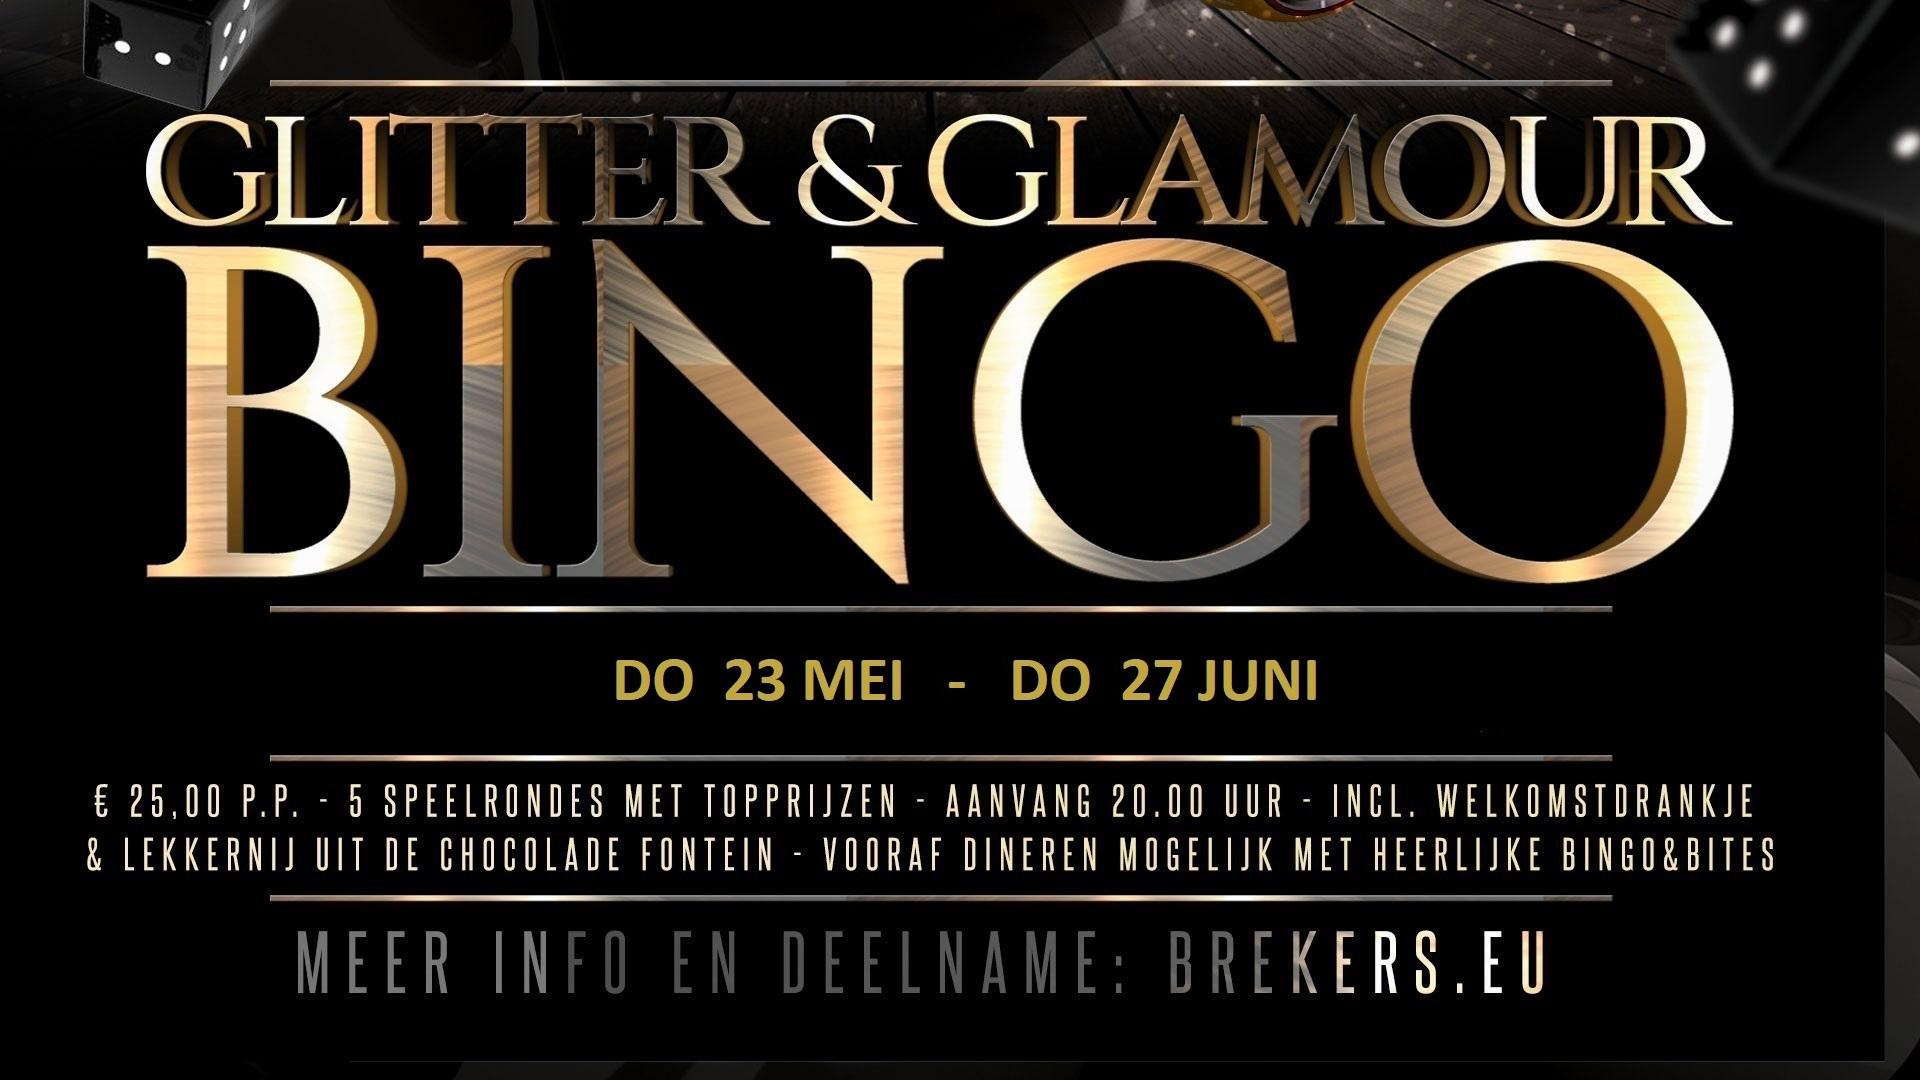 Glitter & Glamour Bingo 23 mei